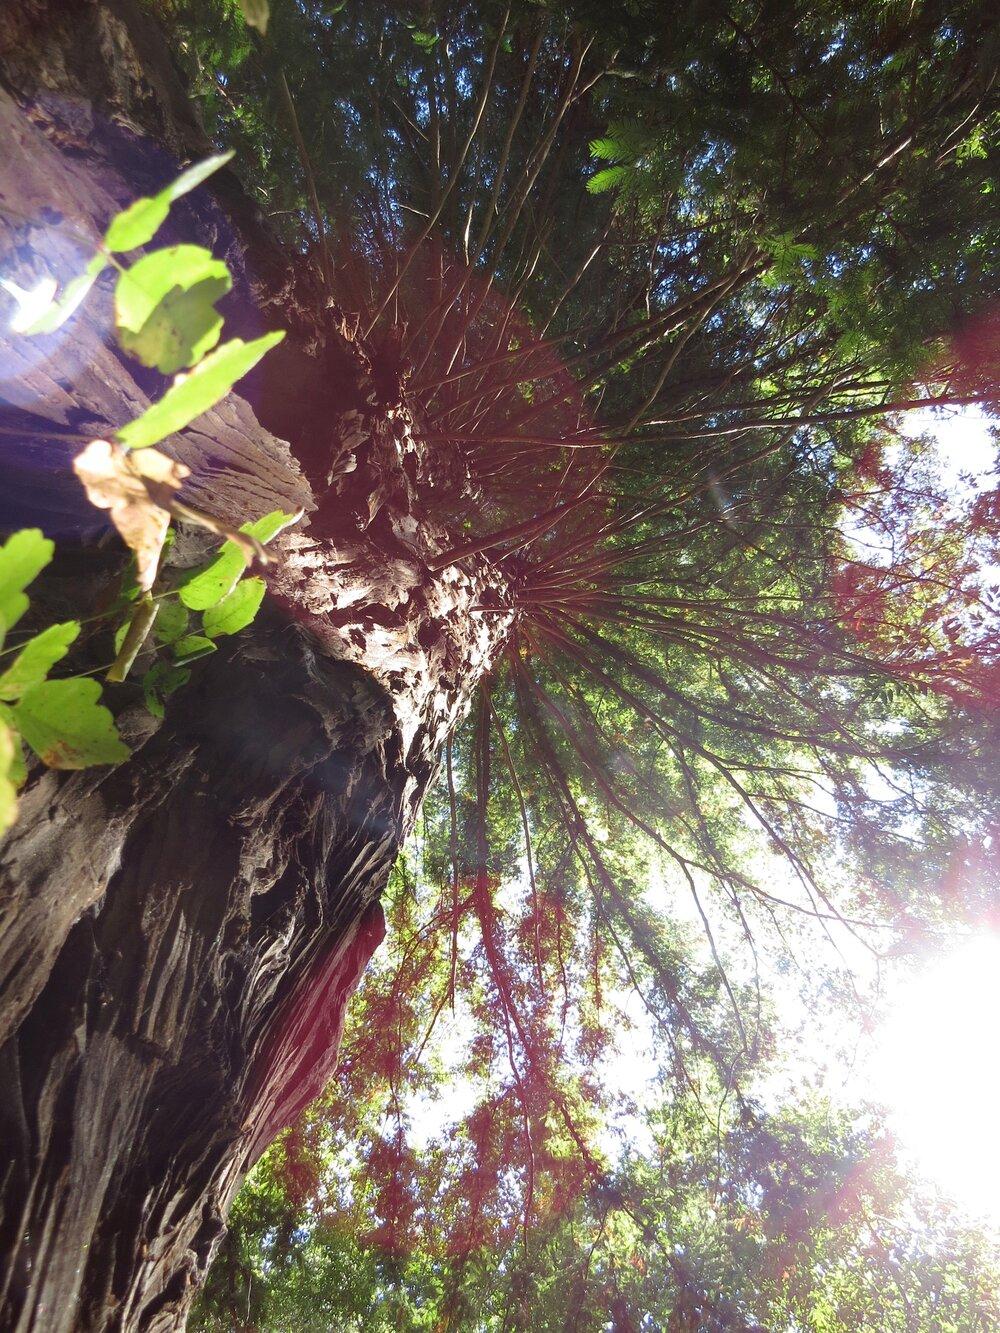 Pfeiffer Big Sur State Park, Big Sur, California, 2013